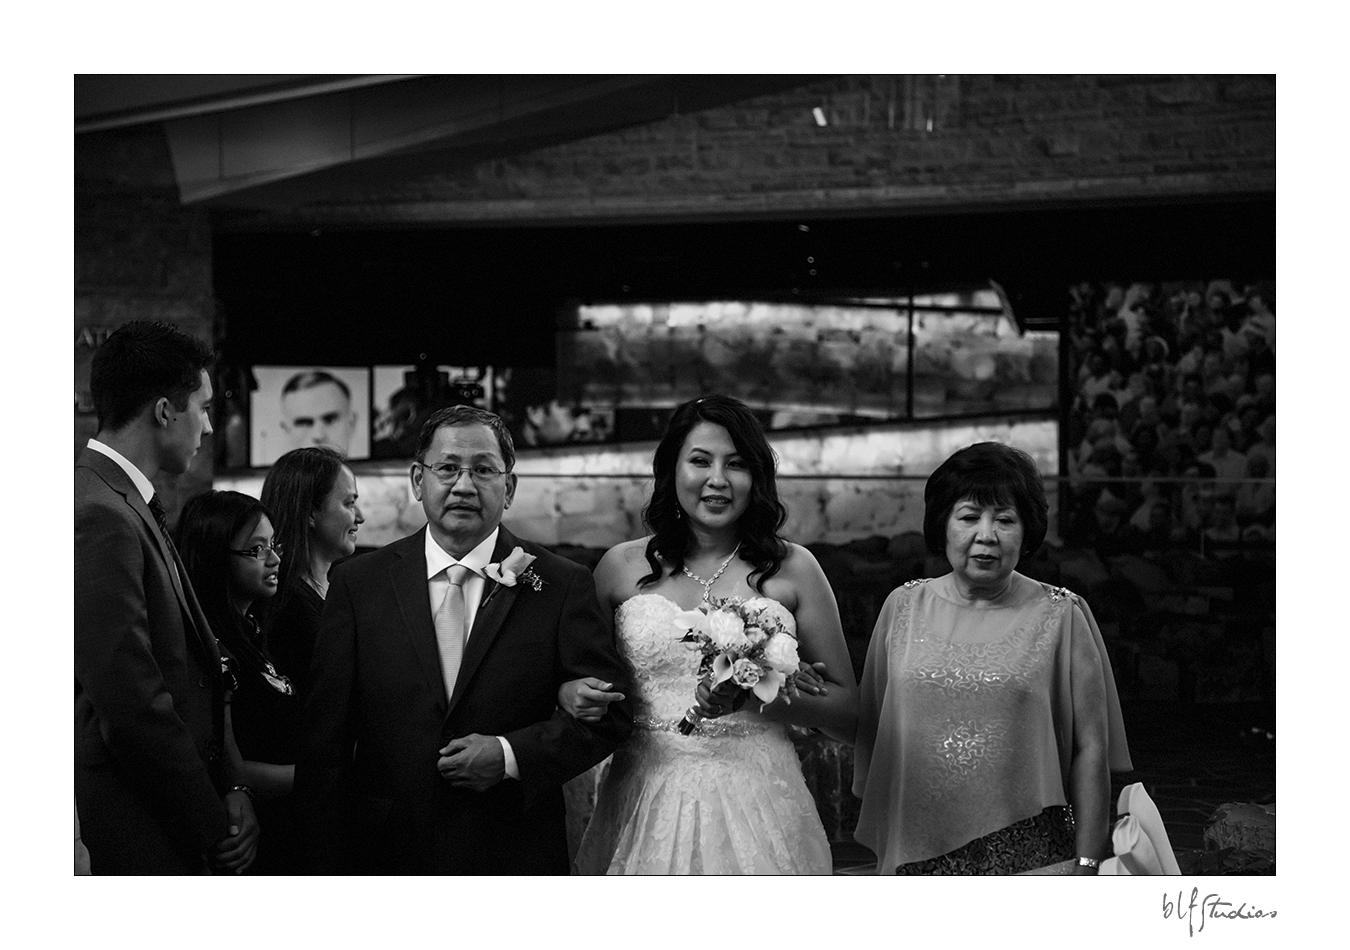 015-CMHR wedding photos.jpg